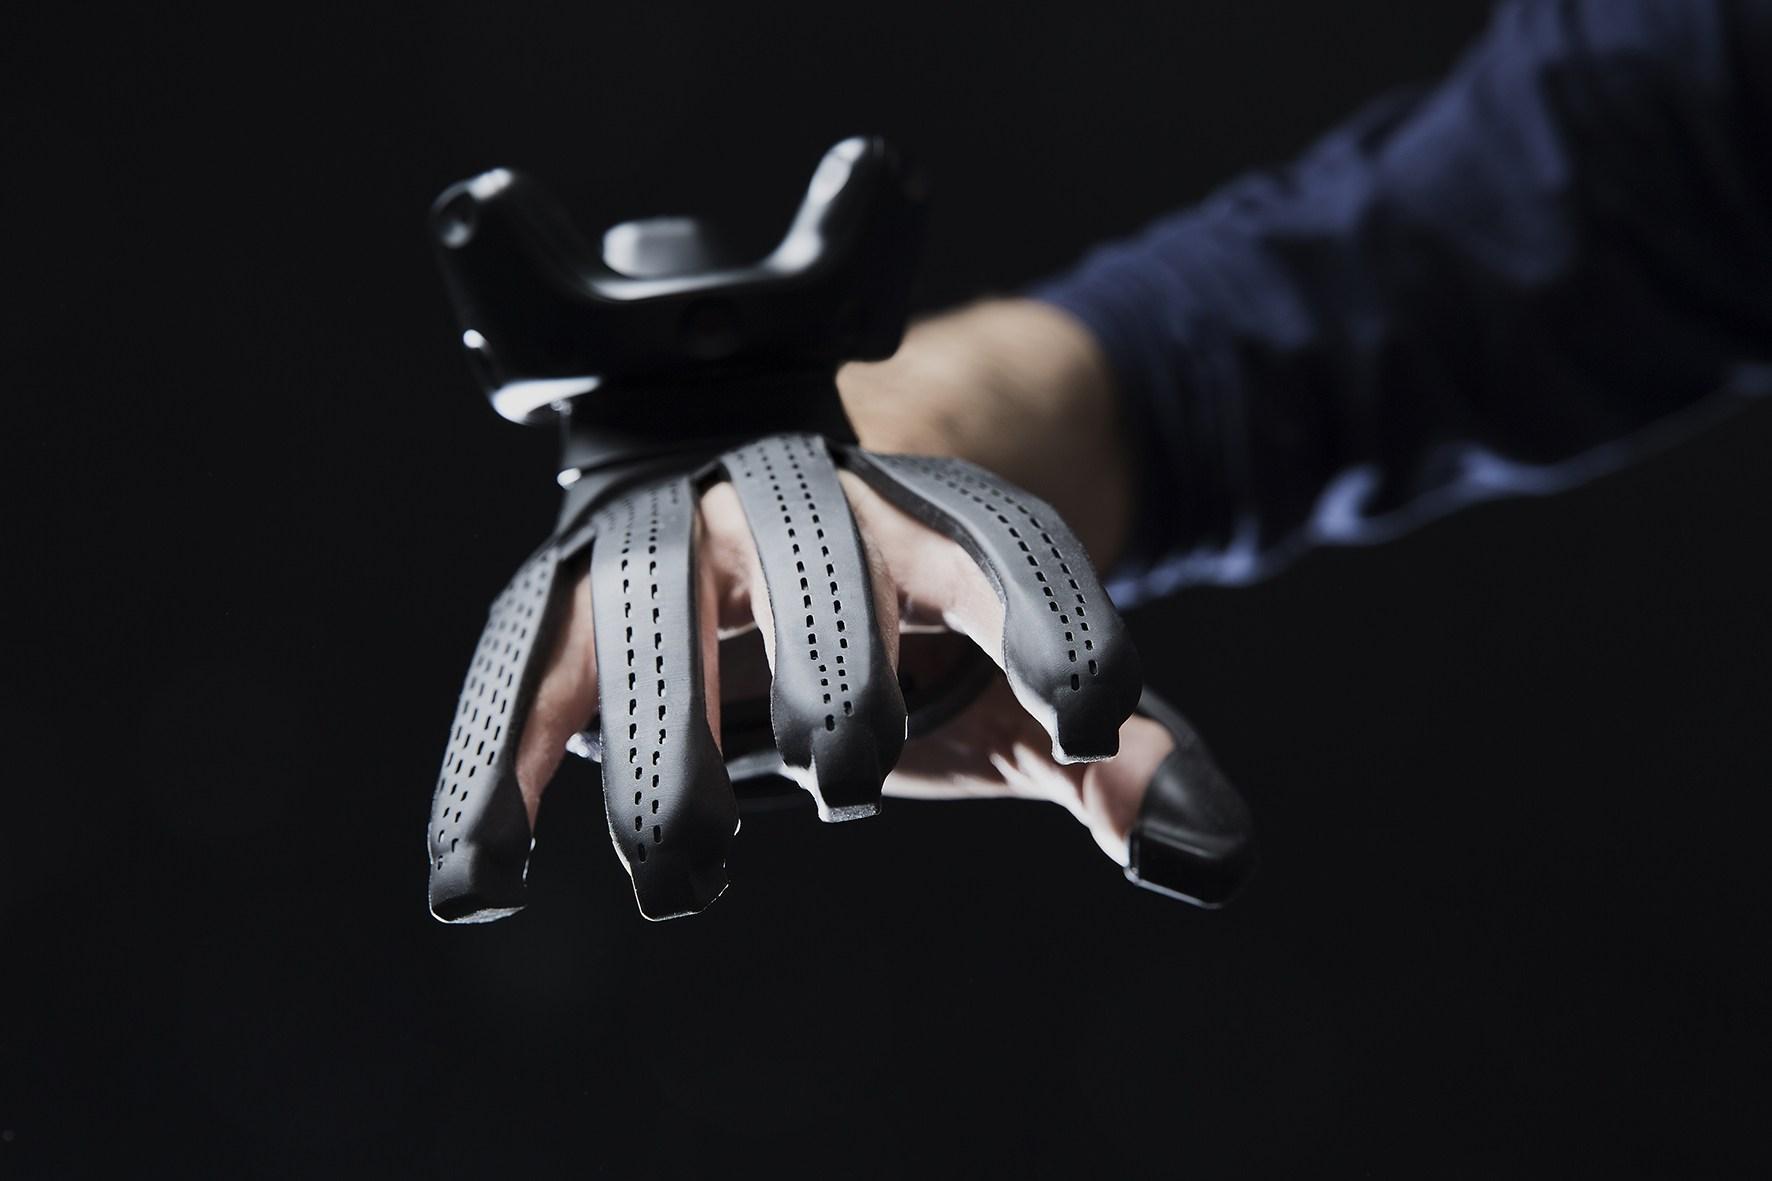 Hamarosan megvásárolható lesz a Plexus érintés visszajelző VR kesztyűjének fejlesztői változata